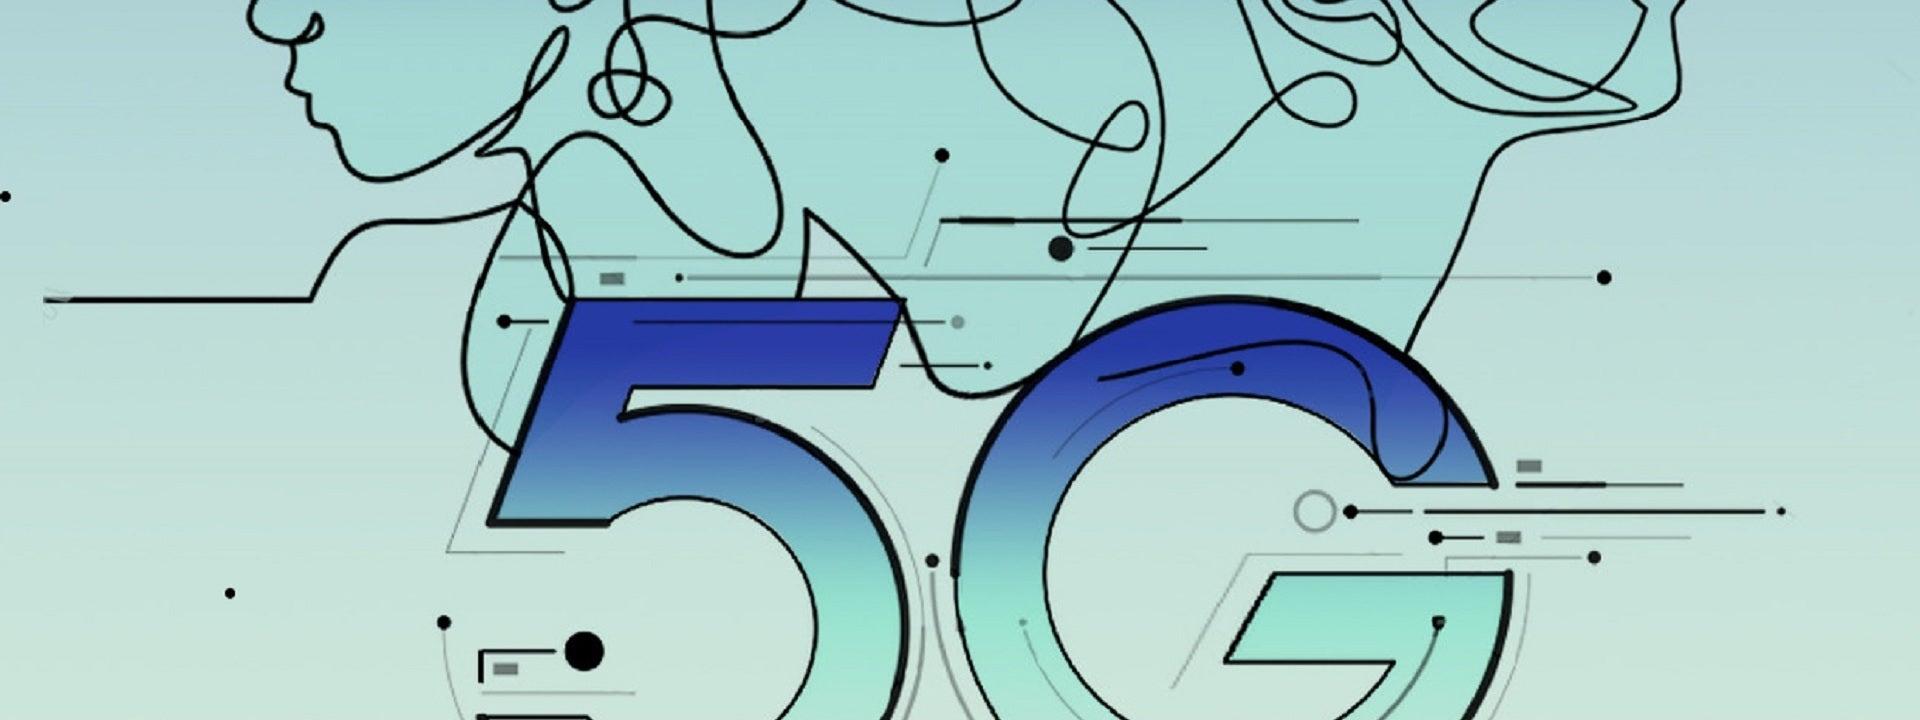 Nuevos servicios exportables a partir de la red 5G